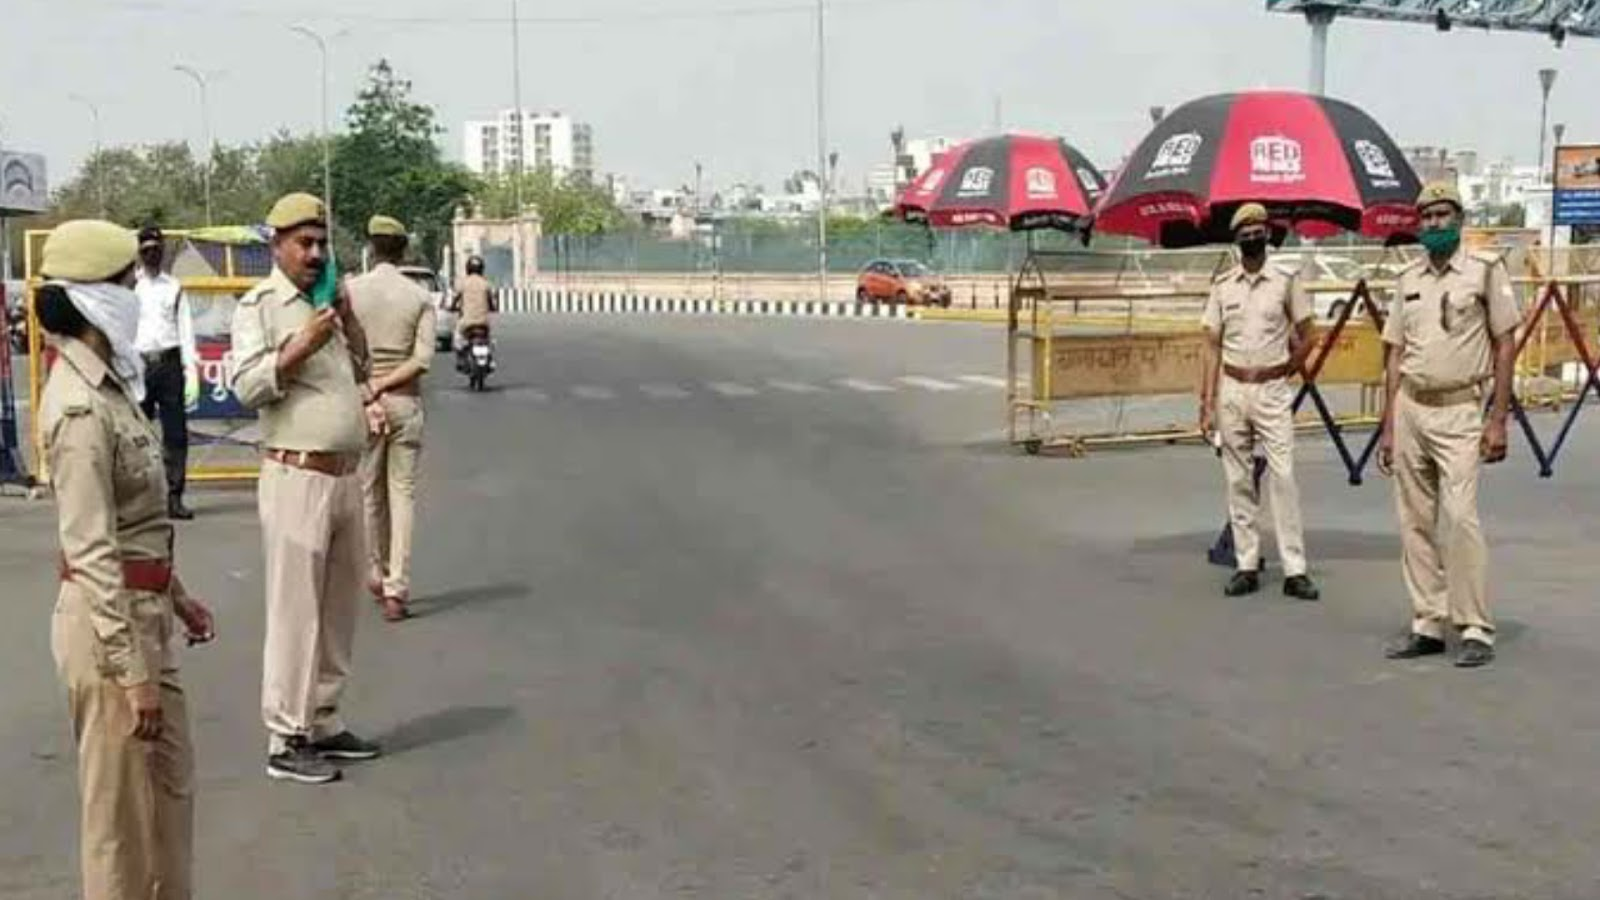 Lockdown in Bihar: बिहार में 15 दिनों तक लॉकडाउन करने की तैयारी, आज होगा फैसला